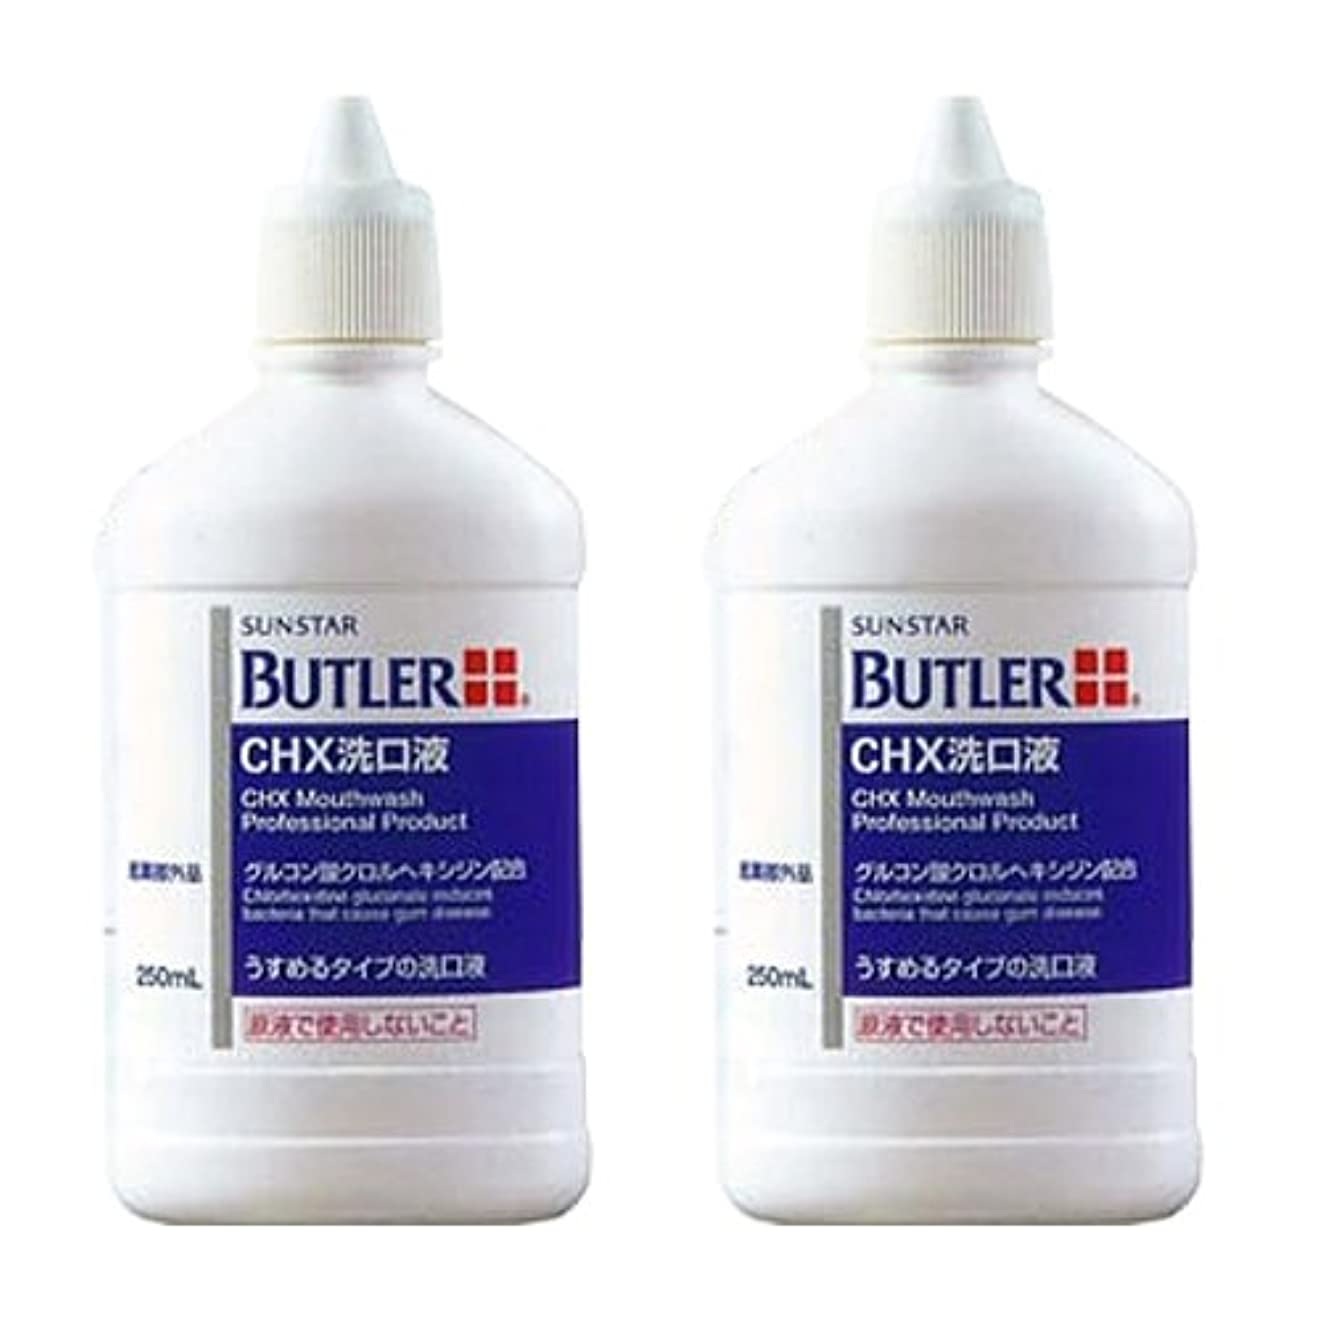 セラフコンデンサーシェトランド諸島サンスター バトラー CHX 洗口液 250ml × 2本 医薬部外品